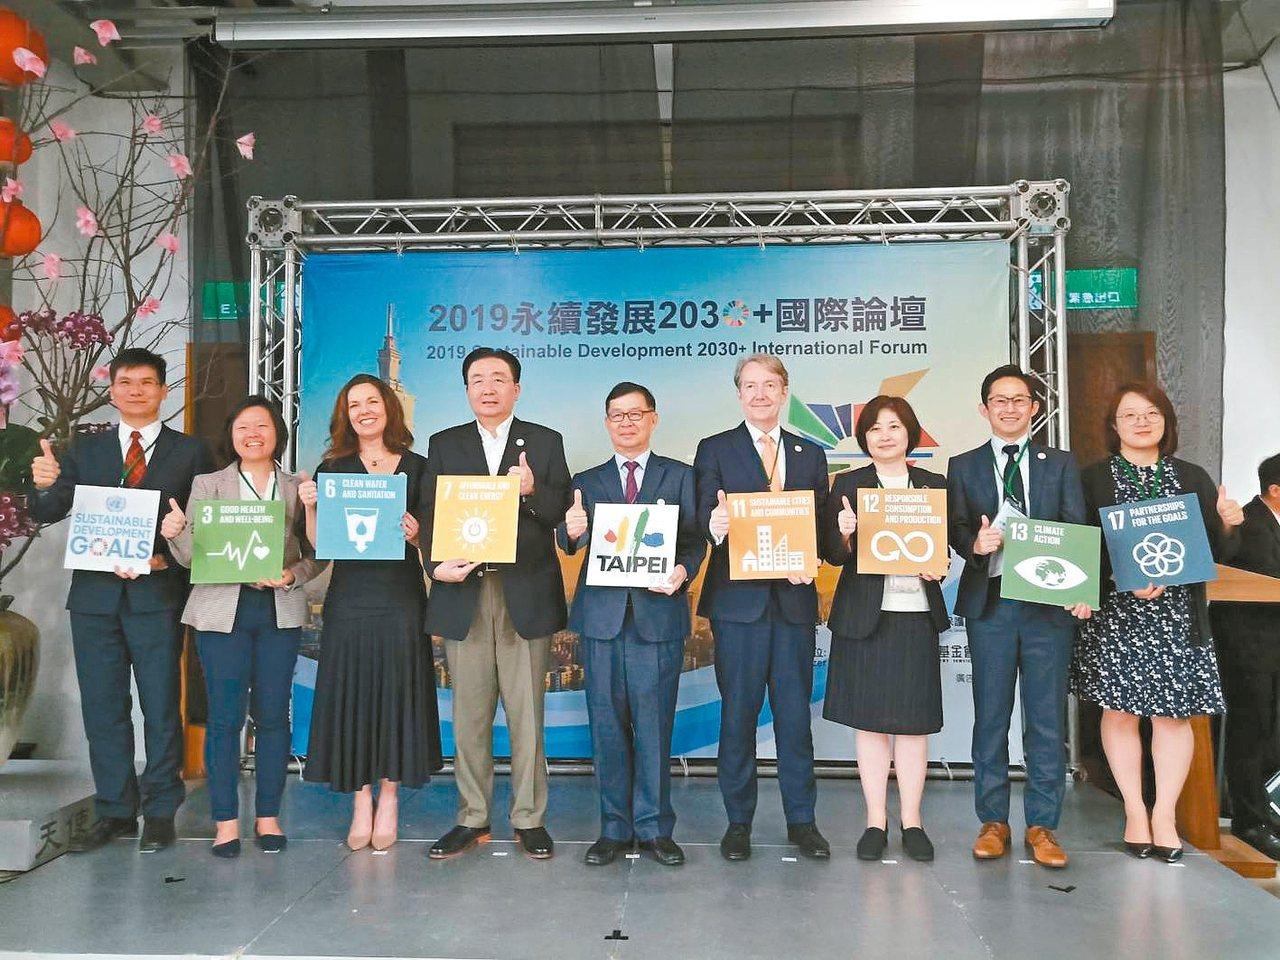 台北市政府上午舉辦永續發展2030+國際論壇,分享國際城市推動SDGs建置VLR...